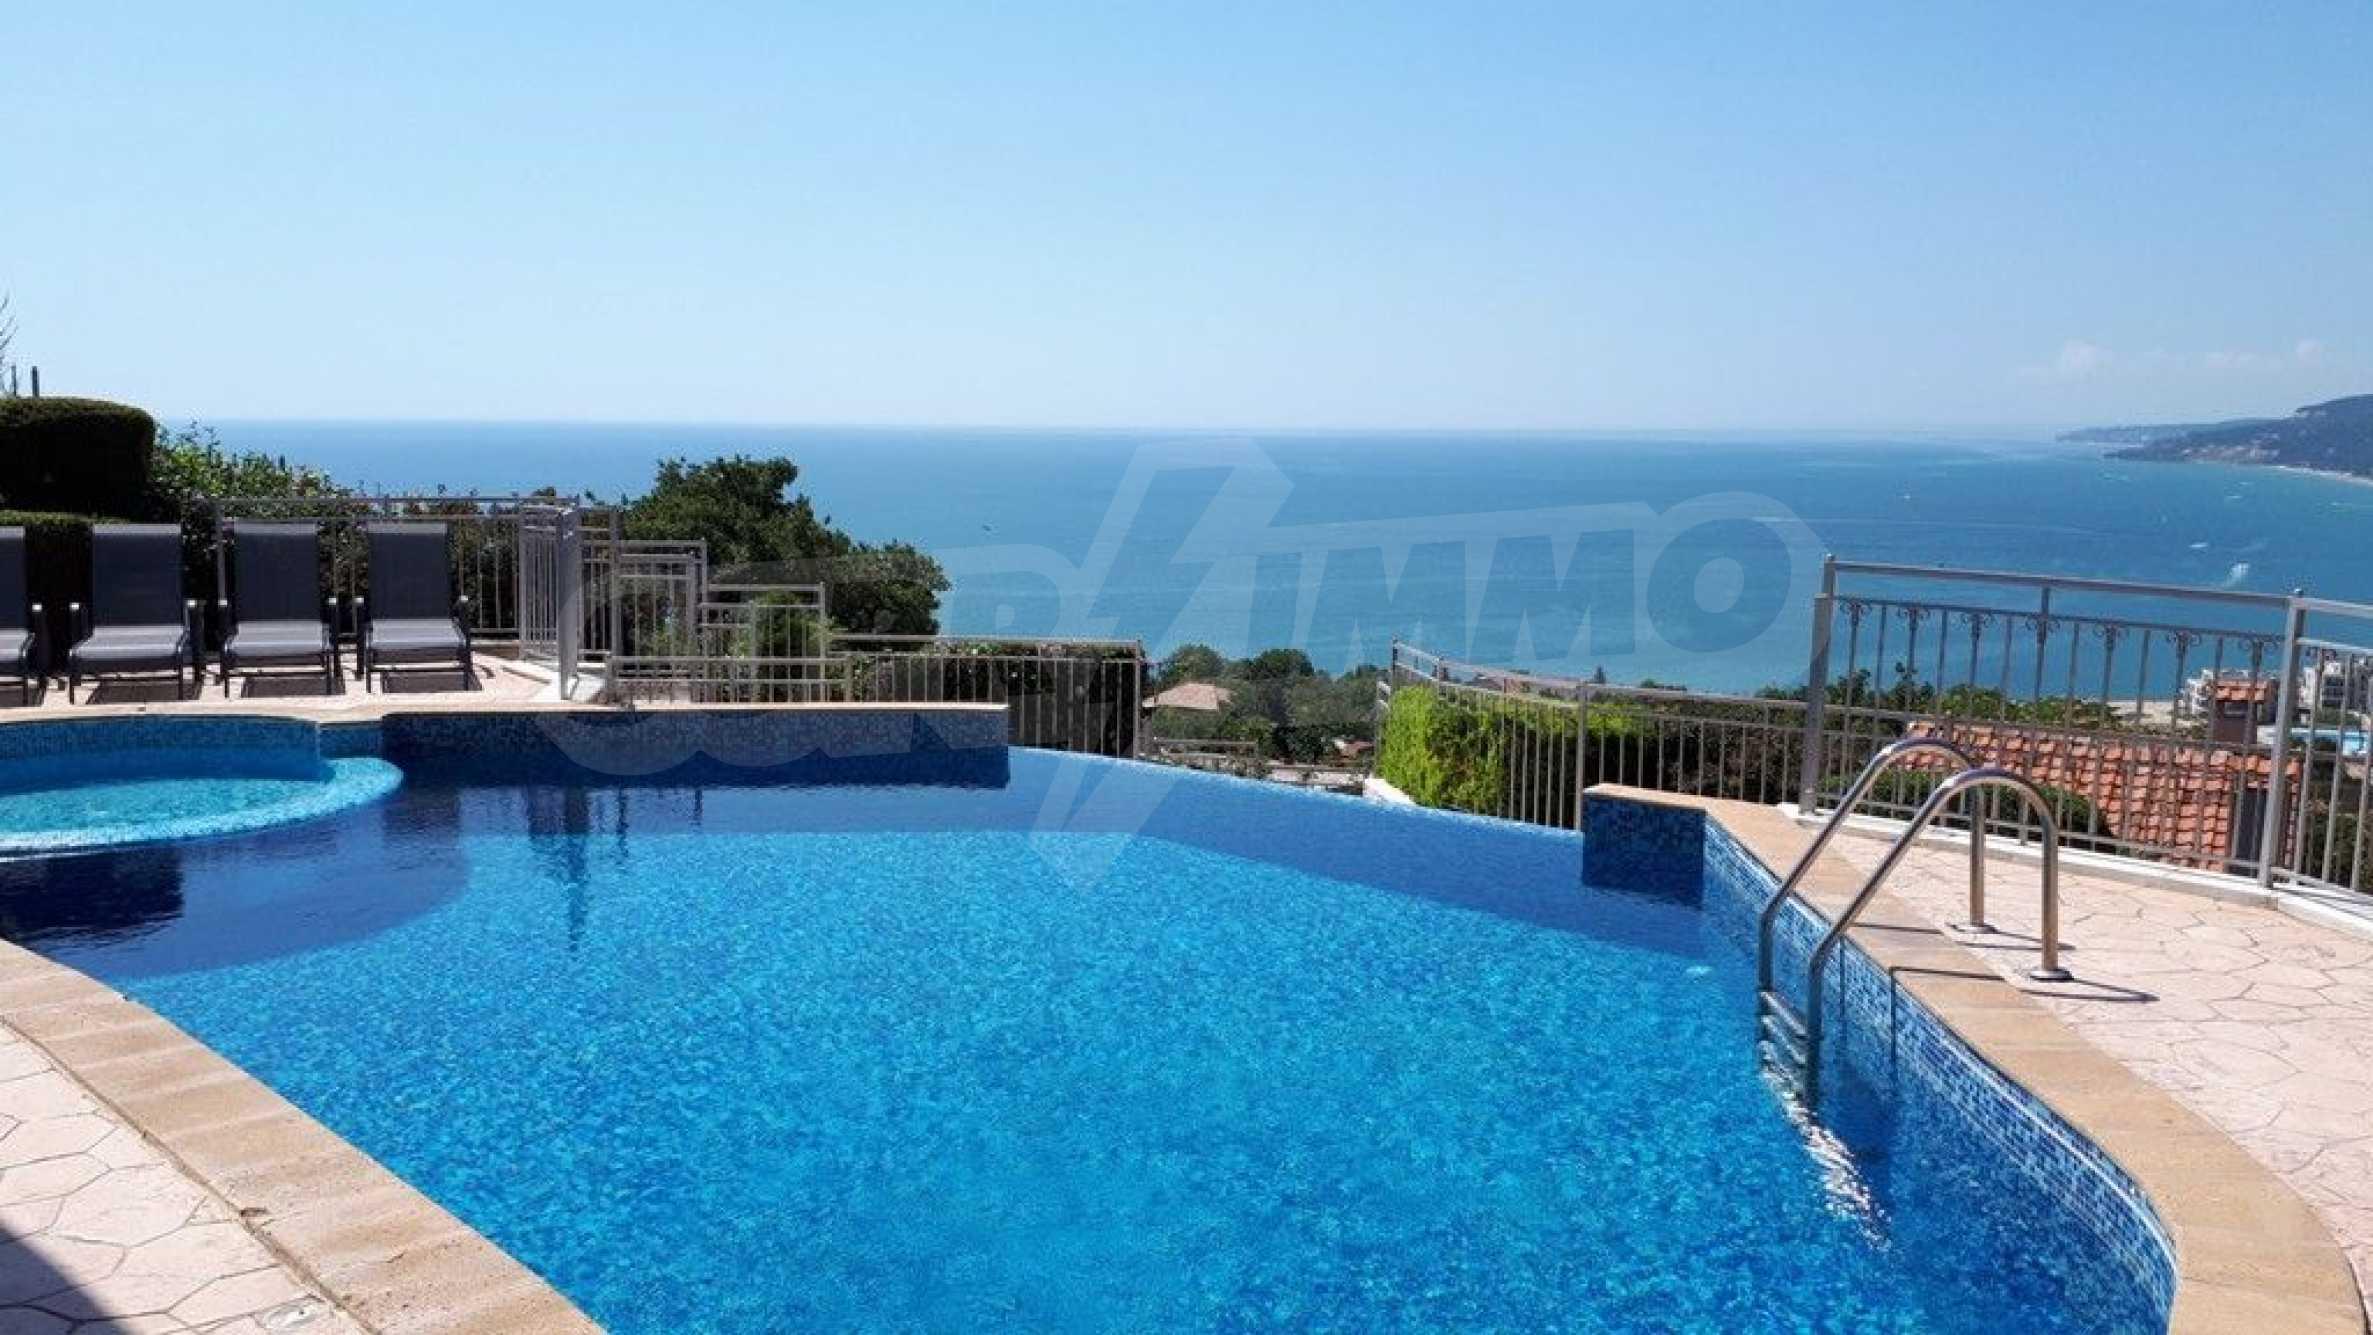 Villa mit Swimmingpool und 6 Schlafzimmern in der Nähe des Resorts Albena 1